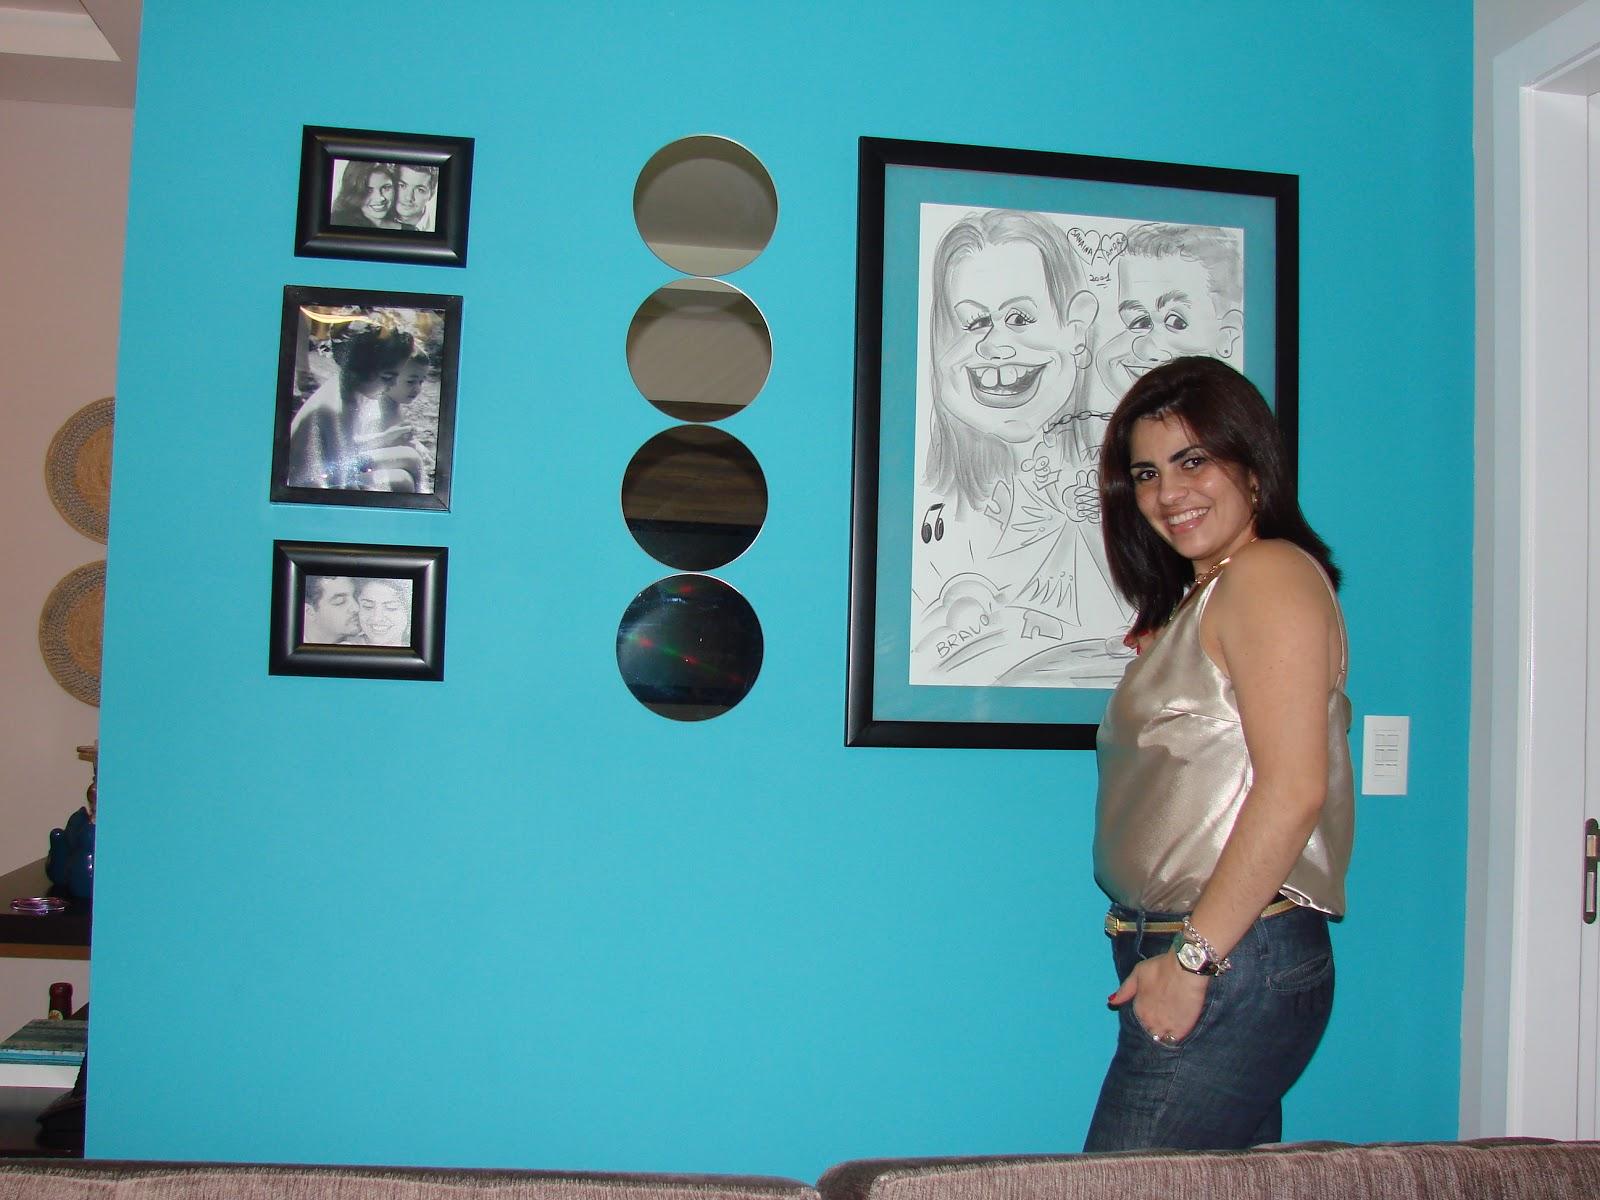 sala: a parede azul e a moldura feita ao redor dos quadros ela mesma  #288E9F 1600x1200 Balcão Banheiro Joinville